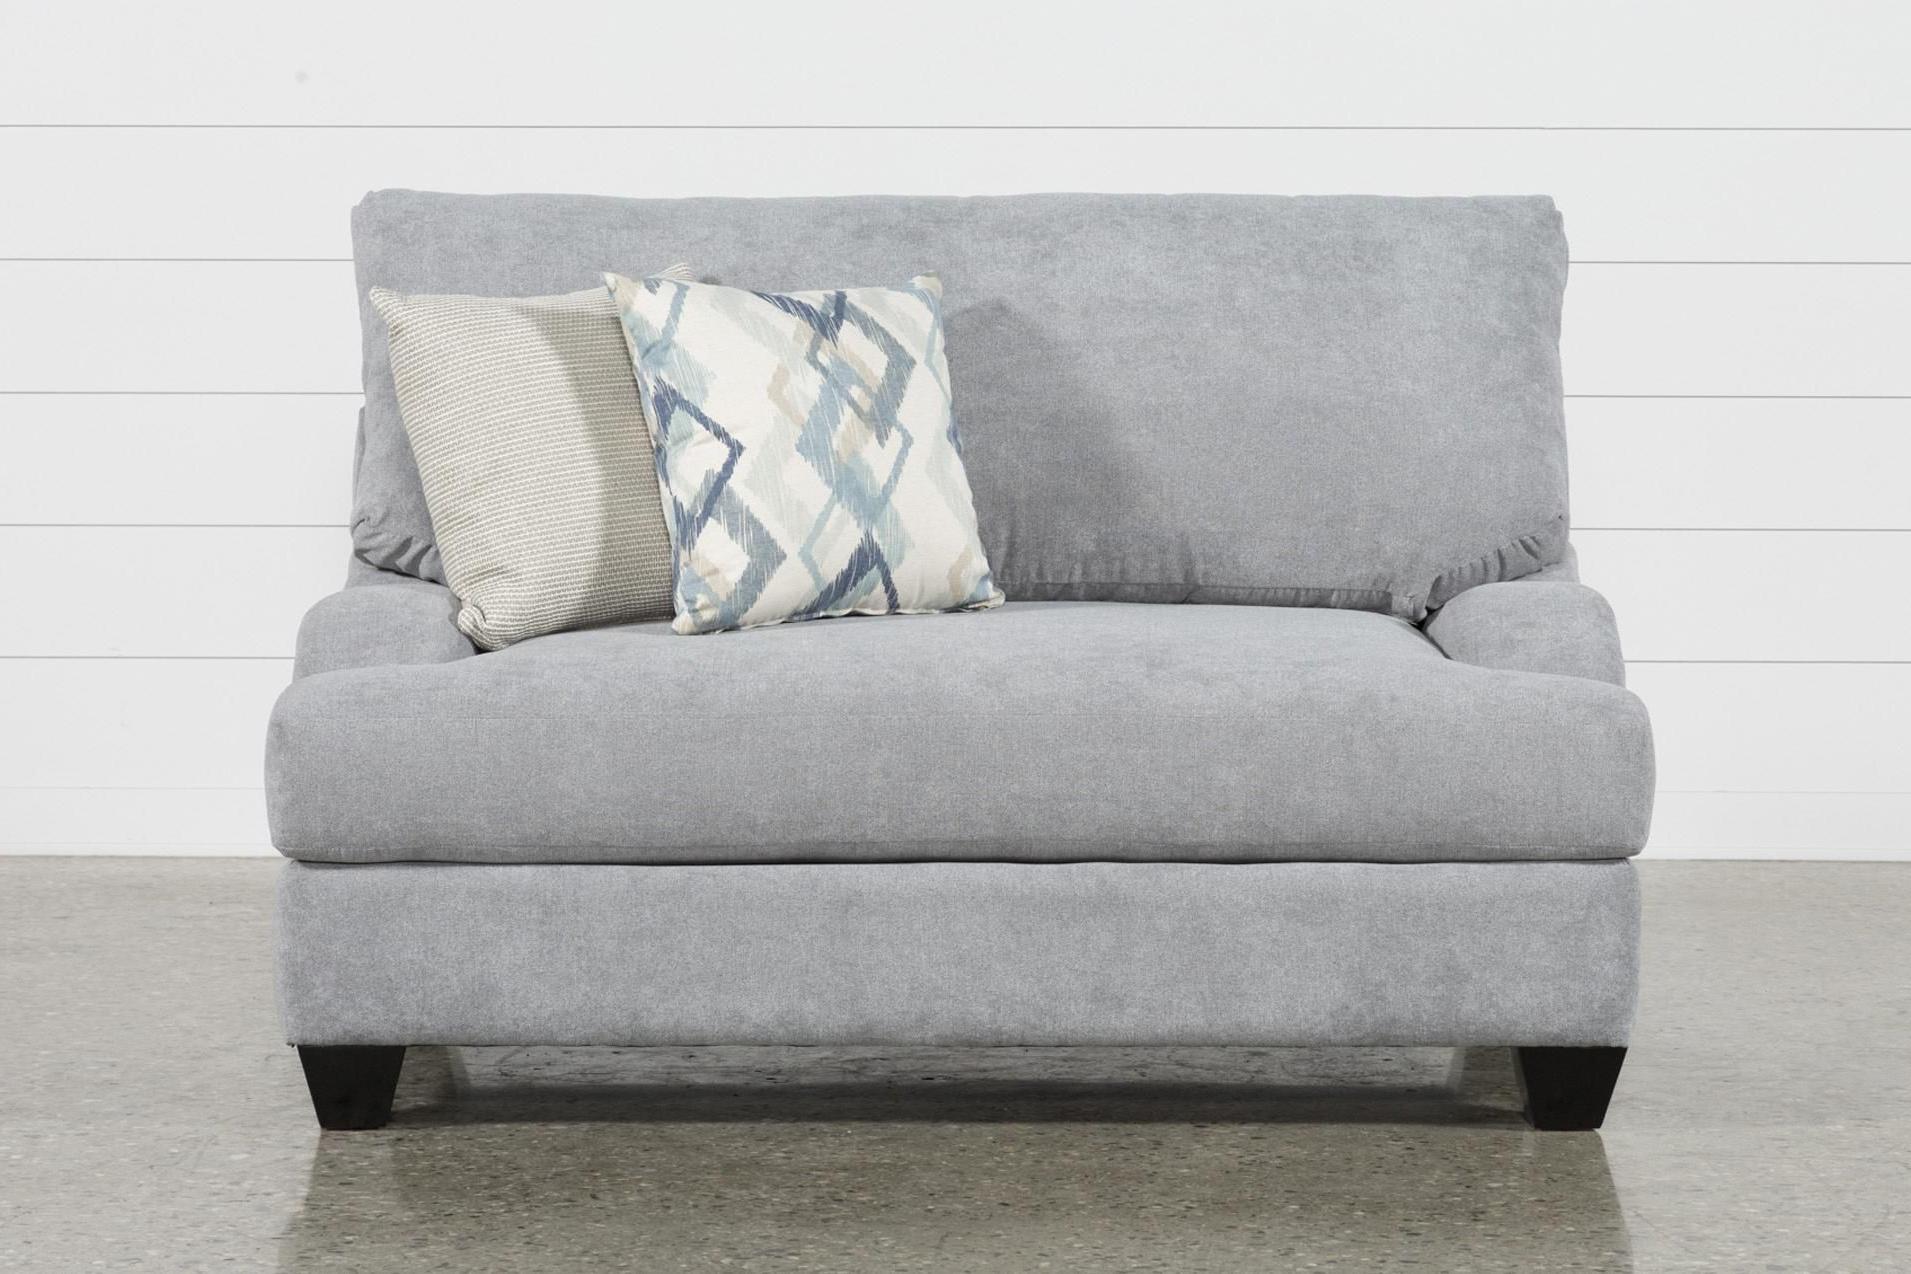 Sierra Foam Ii Oversized Sofa Chairs